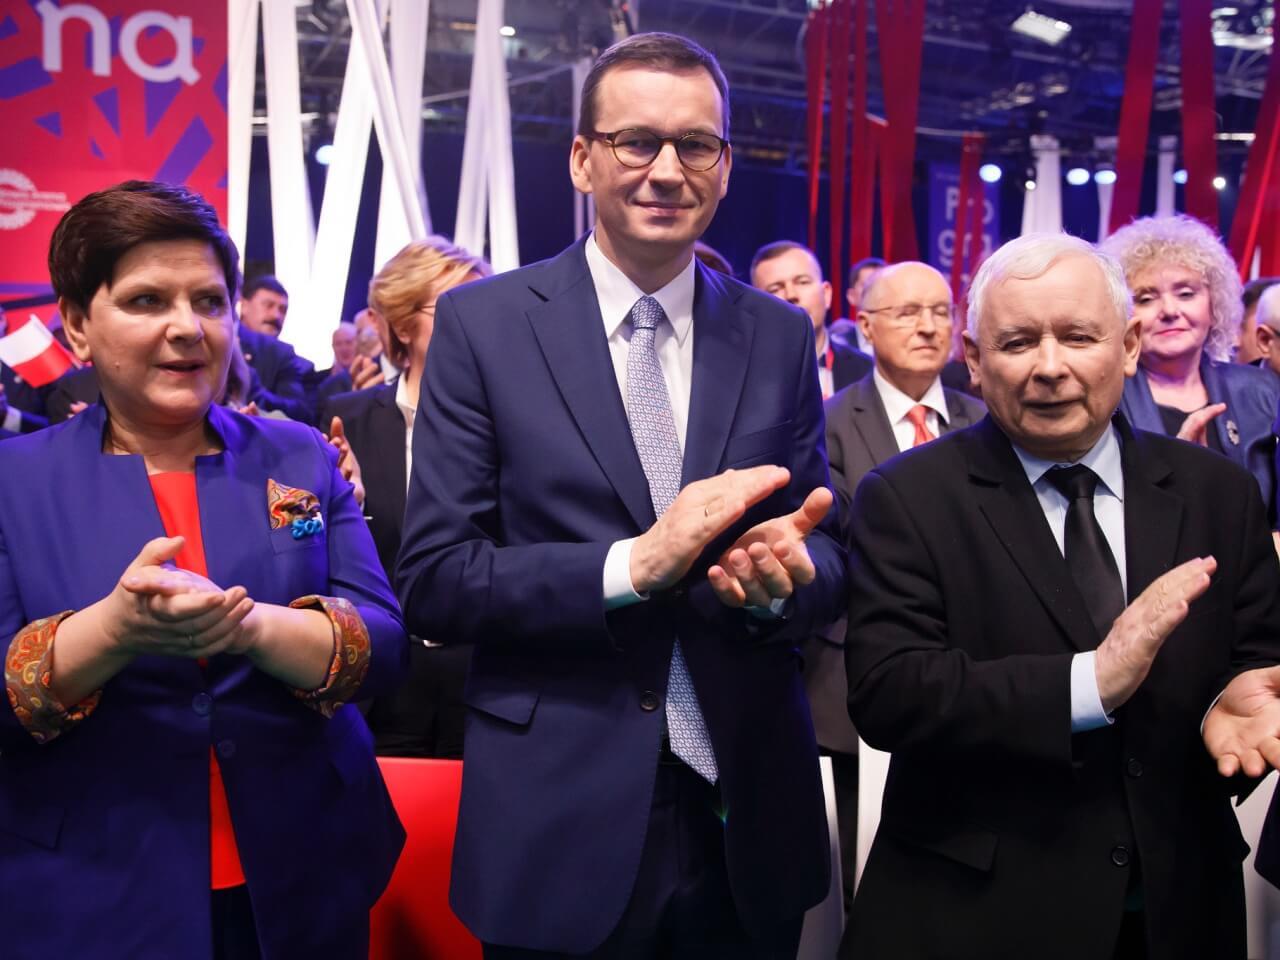 Wicepremier Beata Szydło, premier Mateusz Morawiecki i prezes PiS Jarosław Kaczyński podczas partyjnej konwencji w Warszawie 23 lutego 2019 r.